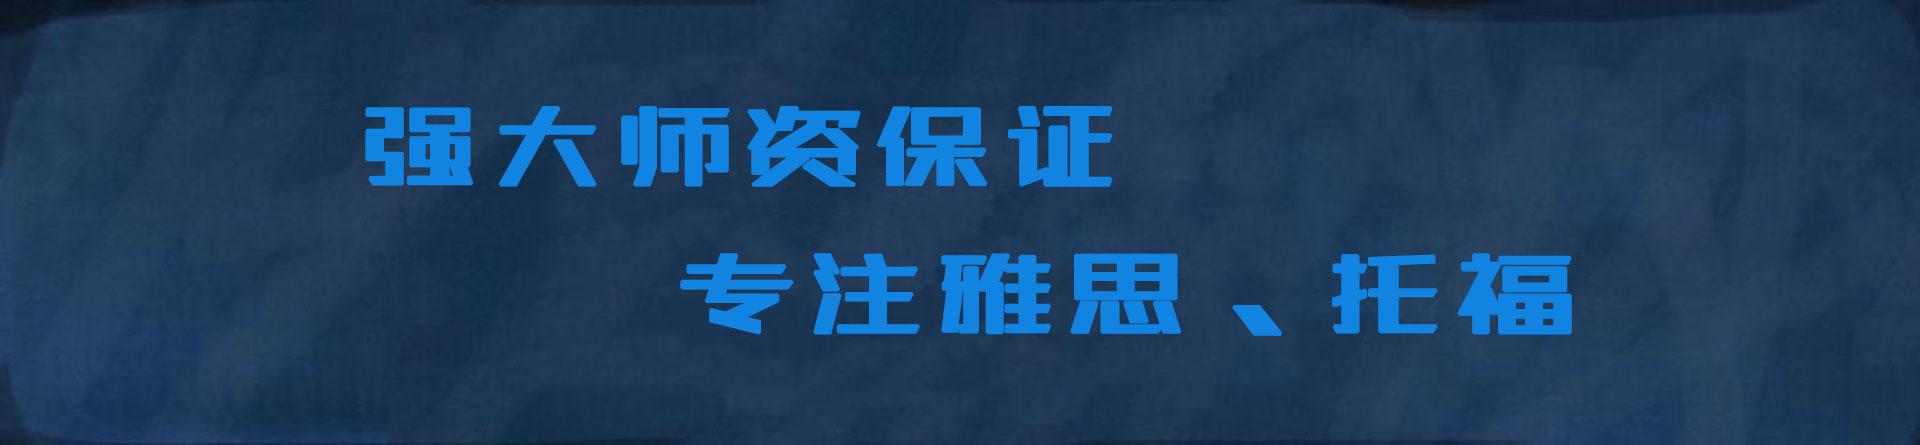 刘海峰雅思托福培训学校